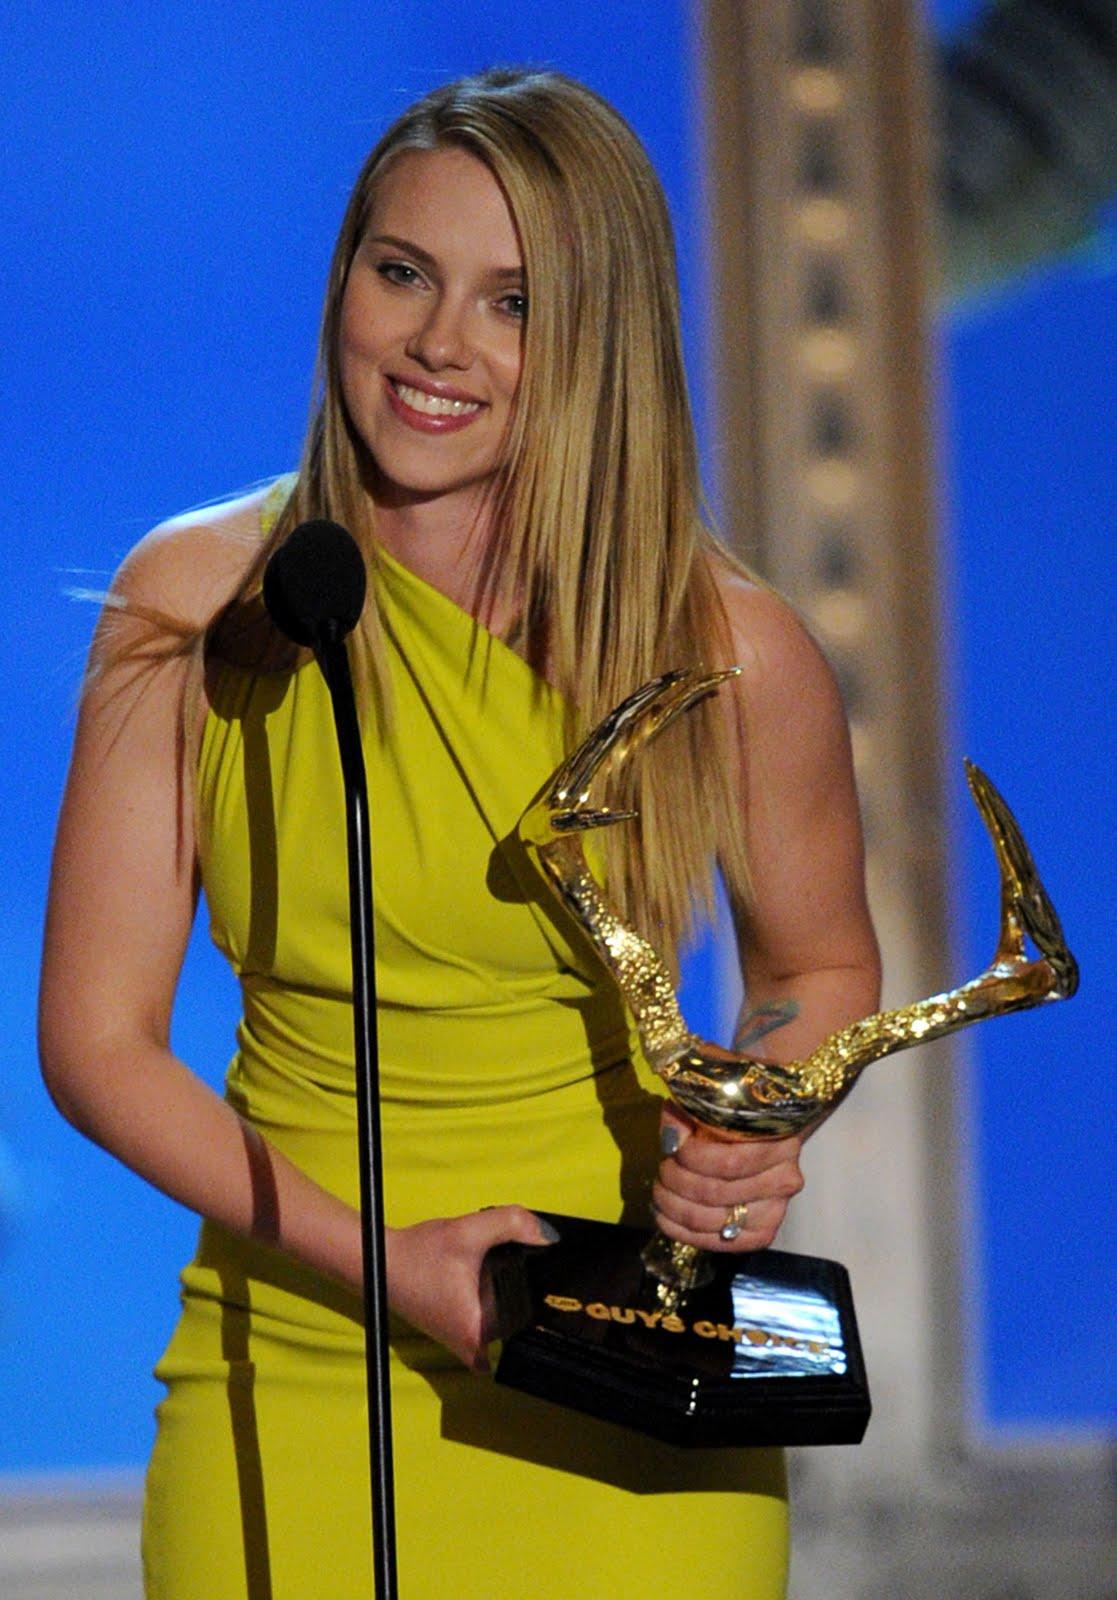 http://4.bp.blogspot.com/_dH_UZN7TrXw/TAuztveEVUI/AAAAAAAAOX8/T7SQbKpFGh0/s1600/spike+tv+guys+choice+awards+%2818%29.jpg